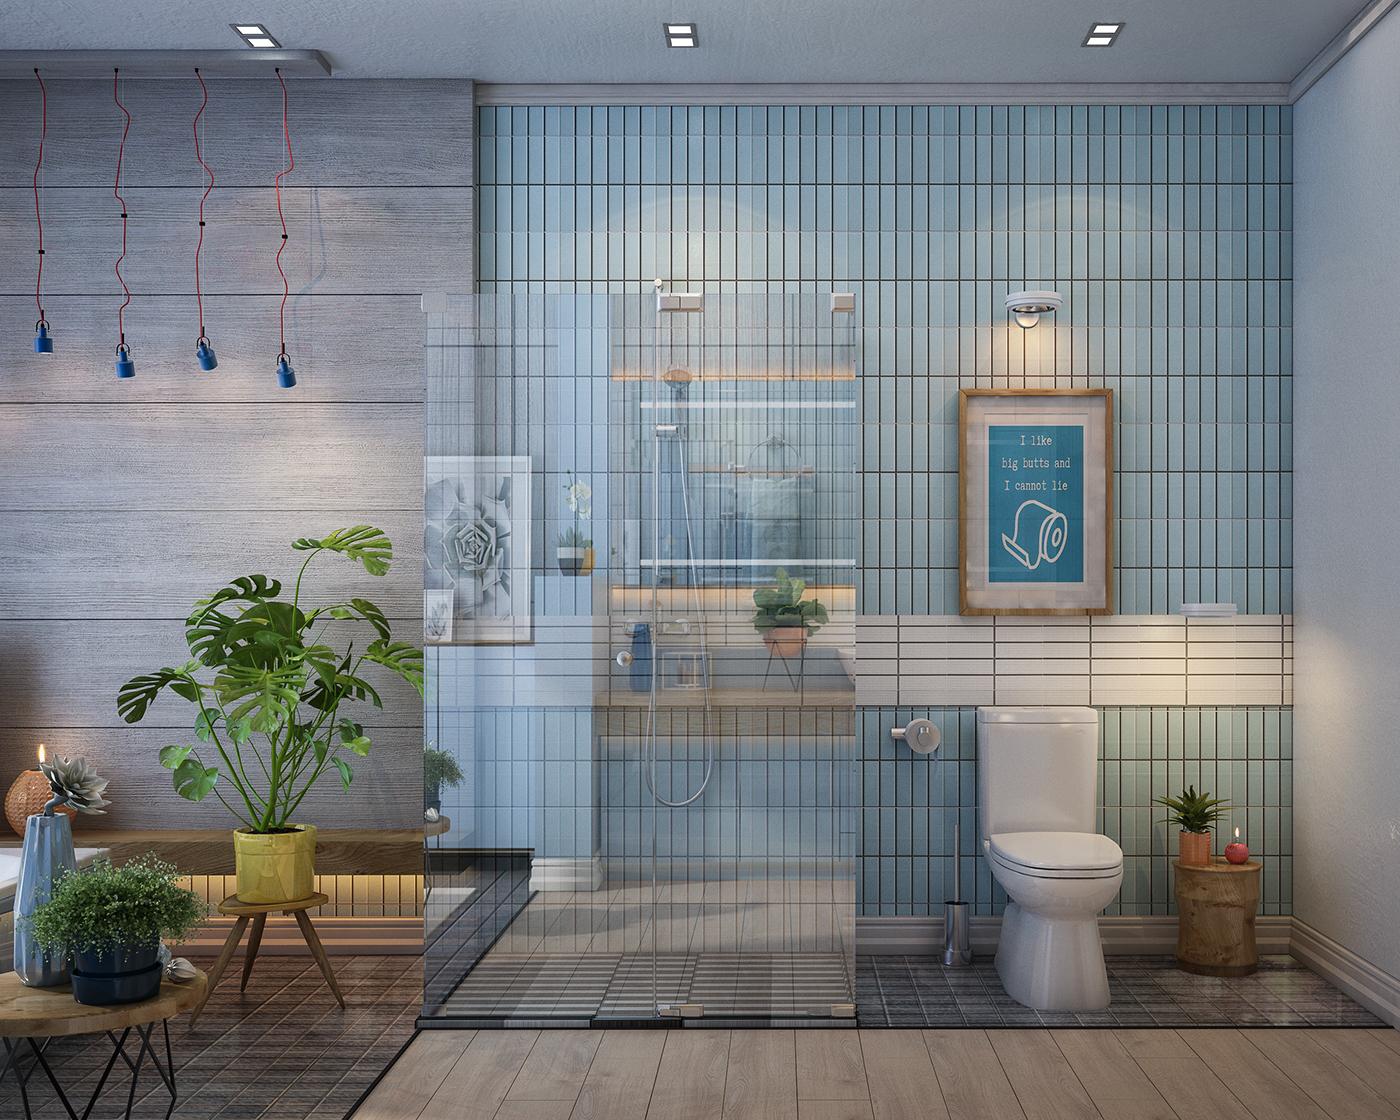 thiết kế nội thất Biệt Thự tại Hà Nội Bathroom design 2016 0 1534389466